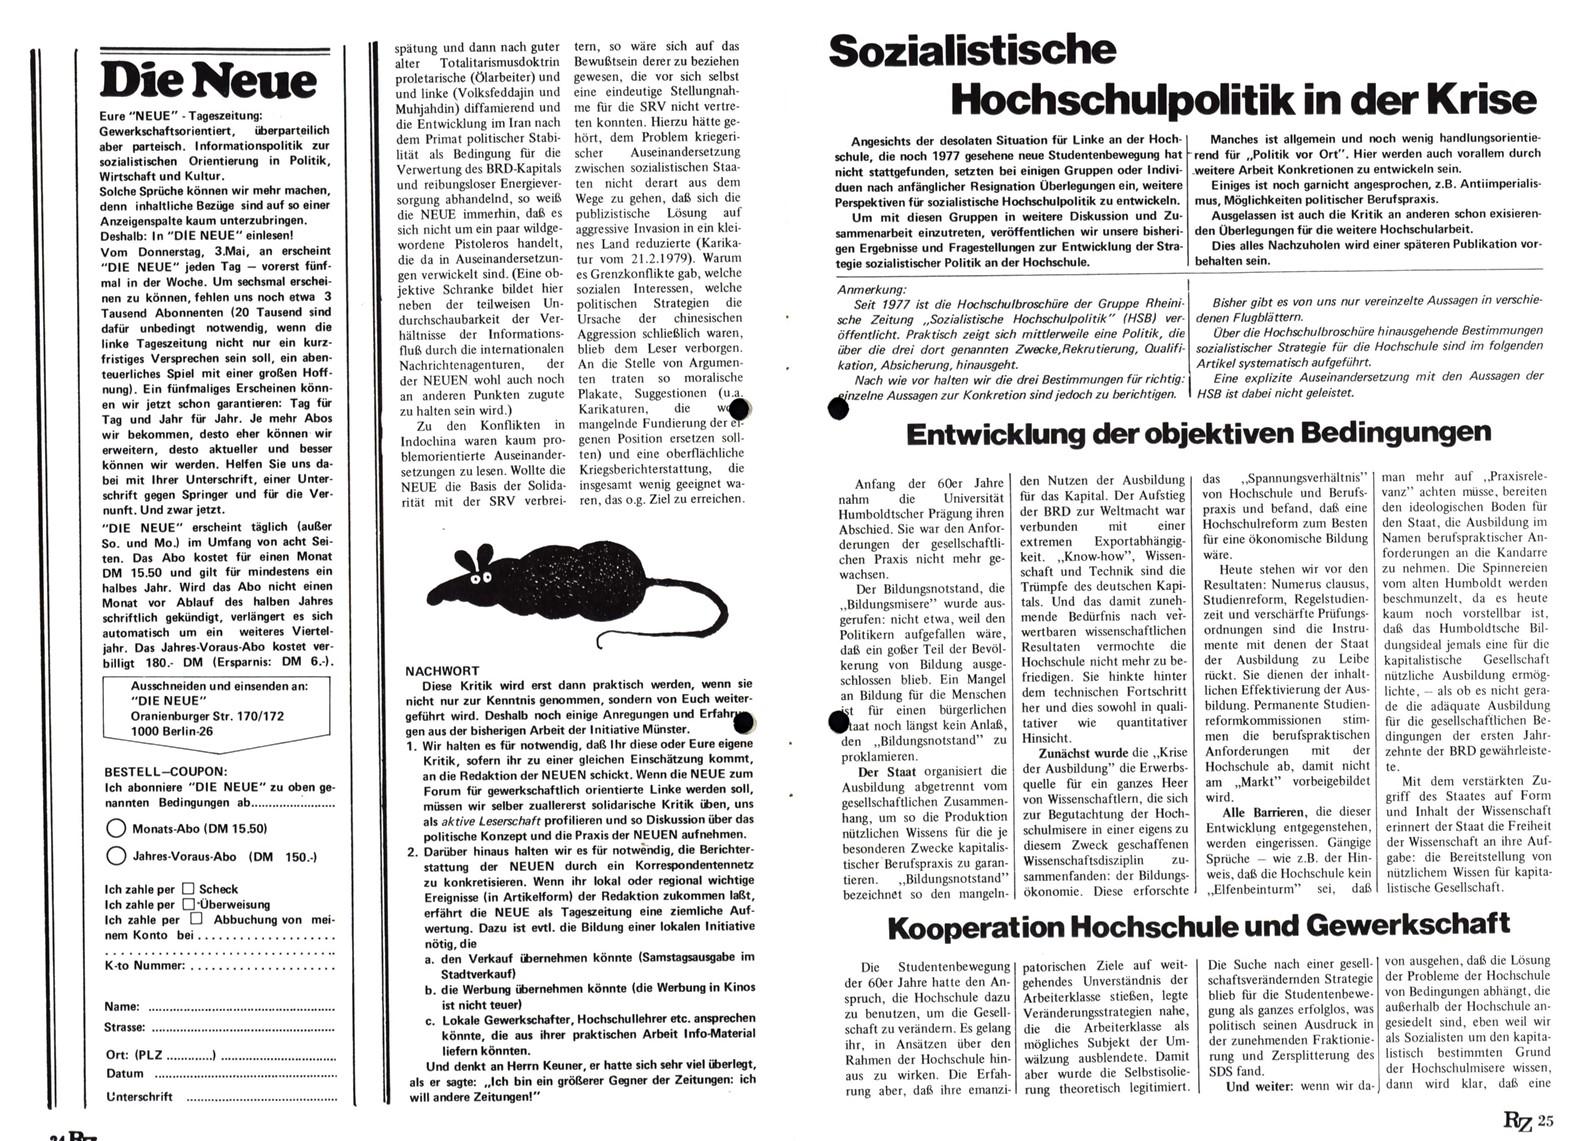 Bonn_RZ_21_19790800_13